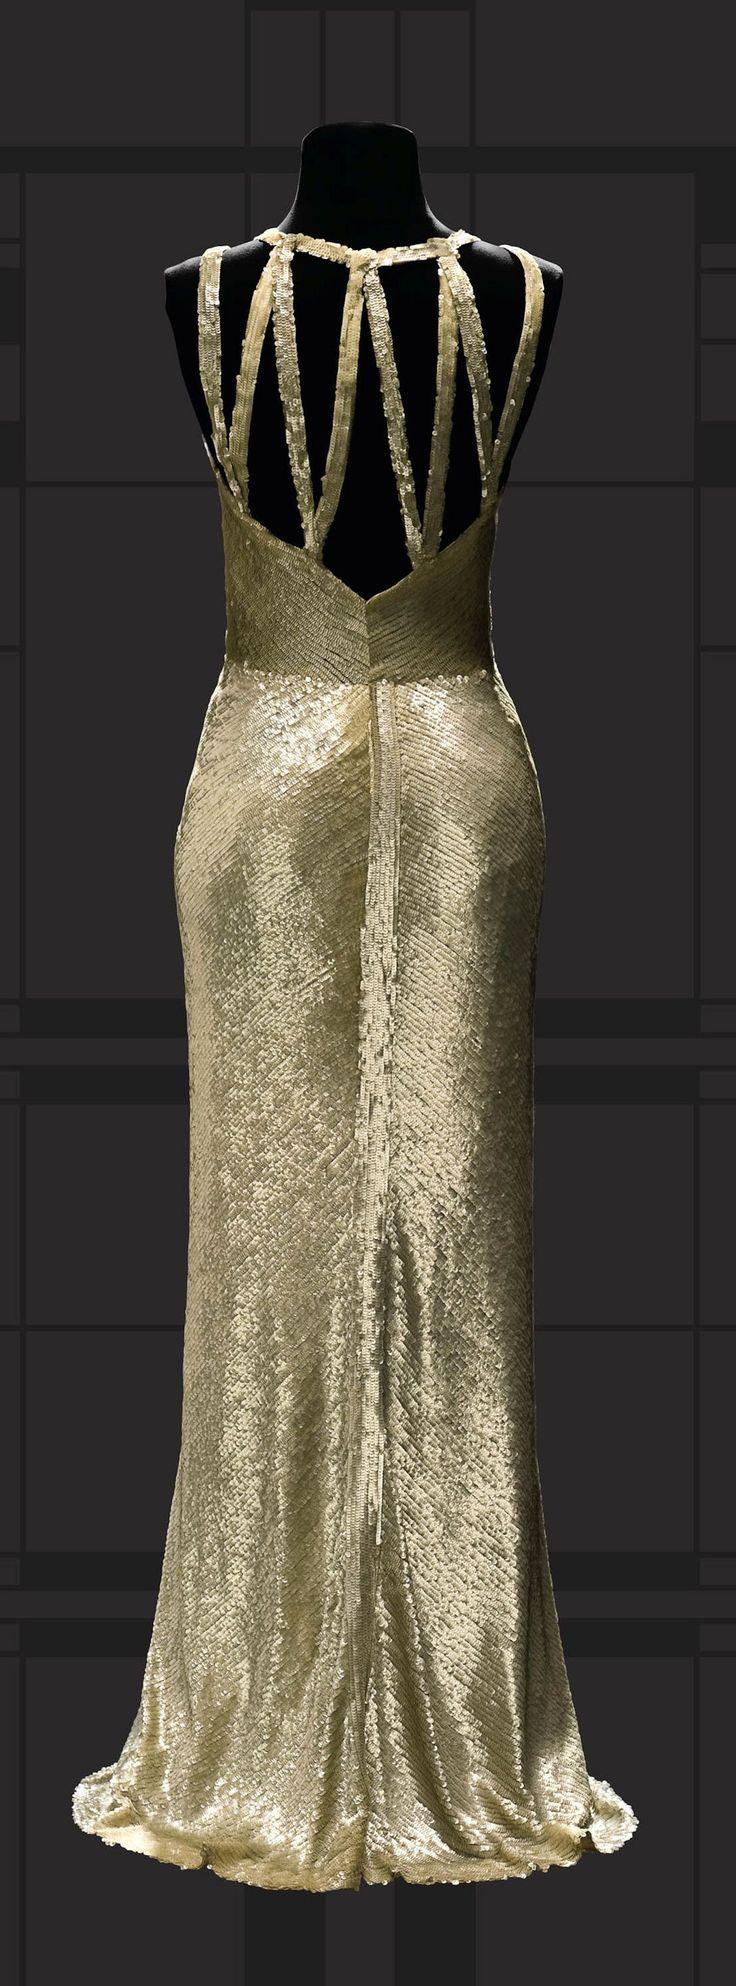 1931 Chanel, Sequin evening dress - Design by Gabrielle Coco Chanel - Worn by Gloria Swanson - Vintage 1930's Chanel - Musée du Costume et de la Dentelle - Museum of Costume and Lace